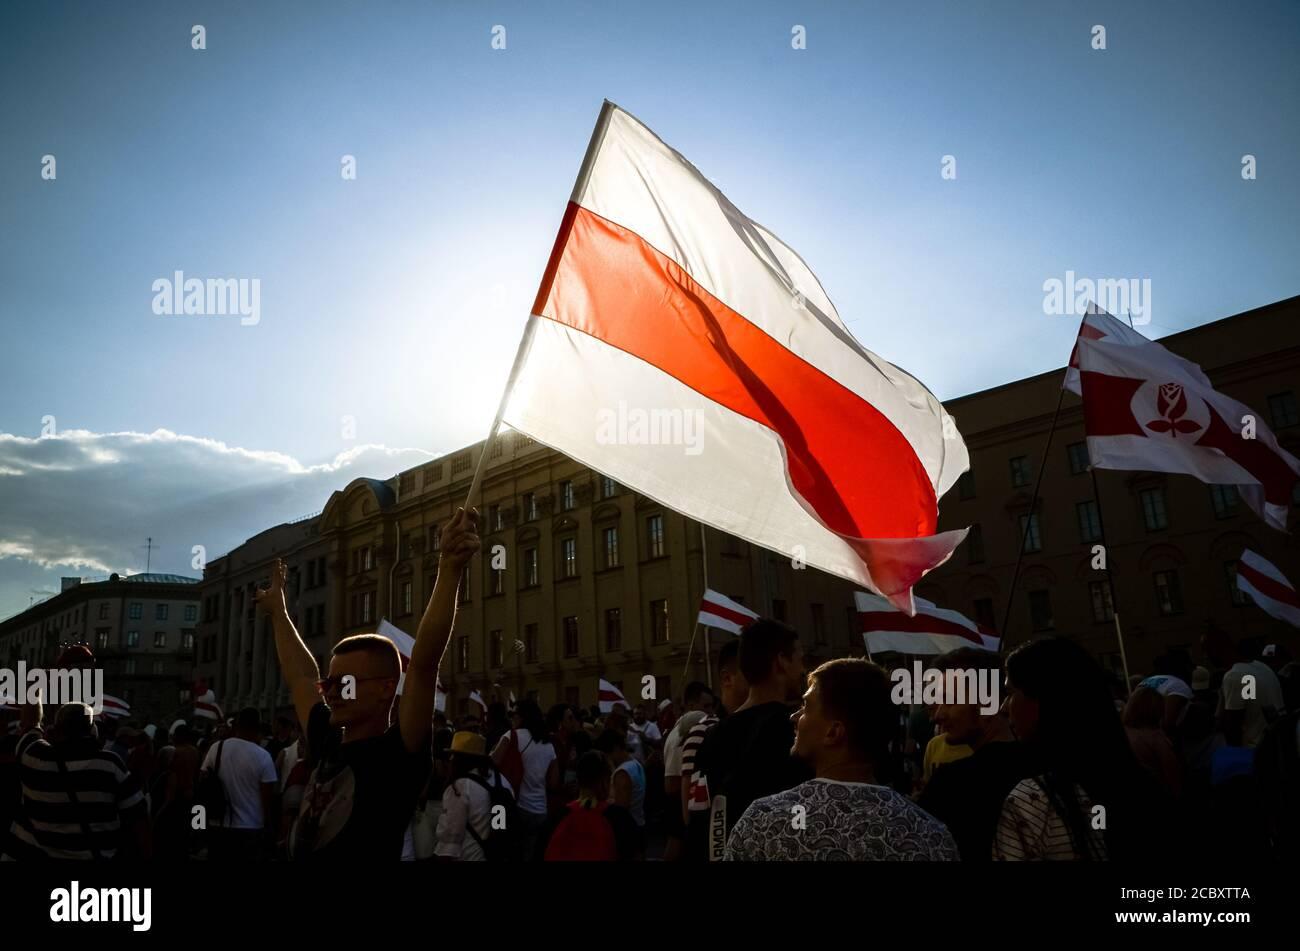 Minsk, Bielorrusia - 16 de agosto de 2020: El pueblo bielorruso participa en protestas pacíficas después de las elecciones presidenciales en Bielorrusia. La persona tiene f. Histórica Foto de stock